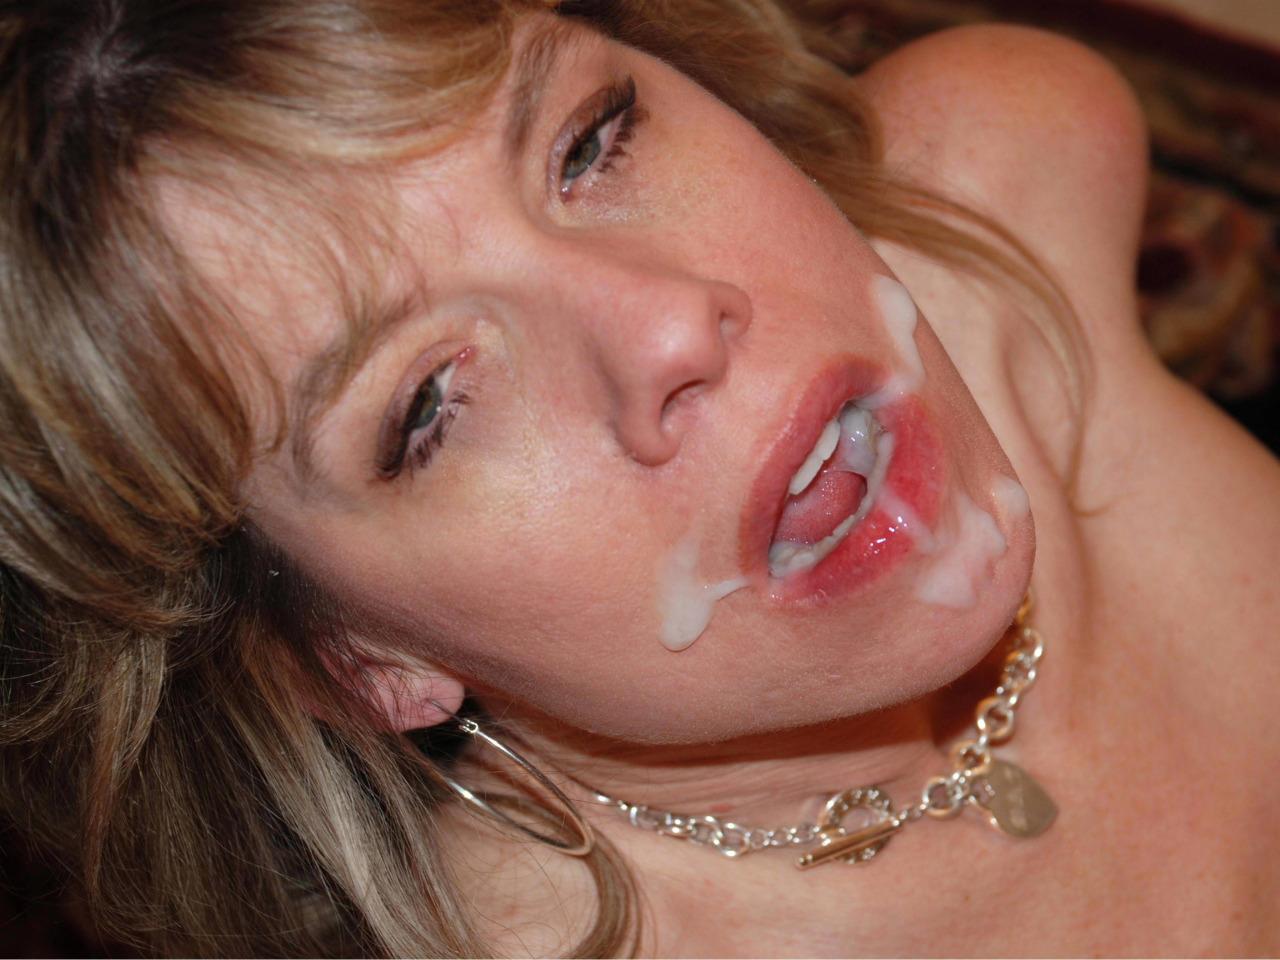 photo pour s'exciter devant sexe maman nue du 01